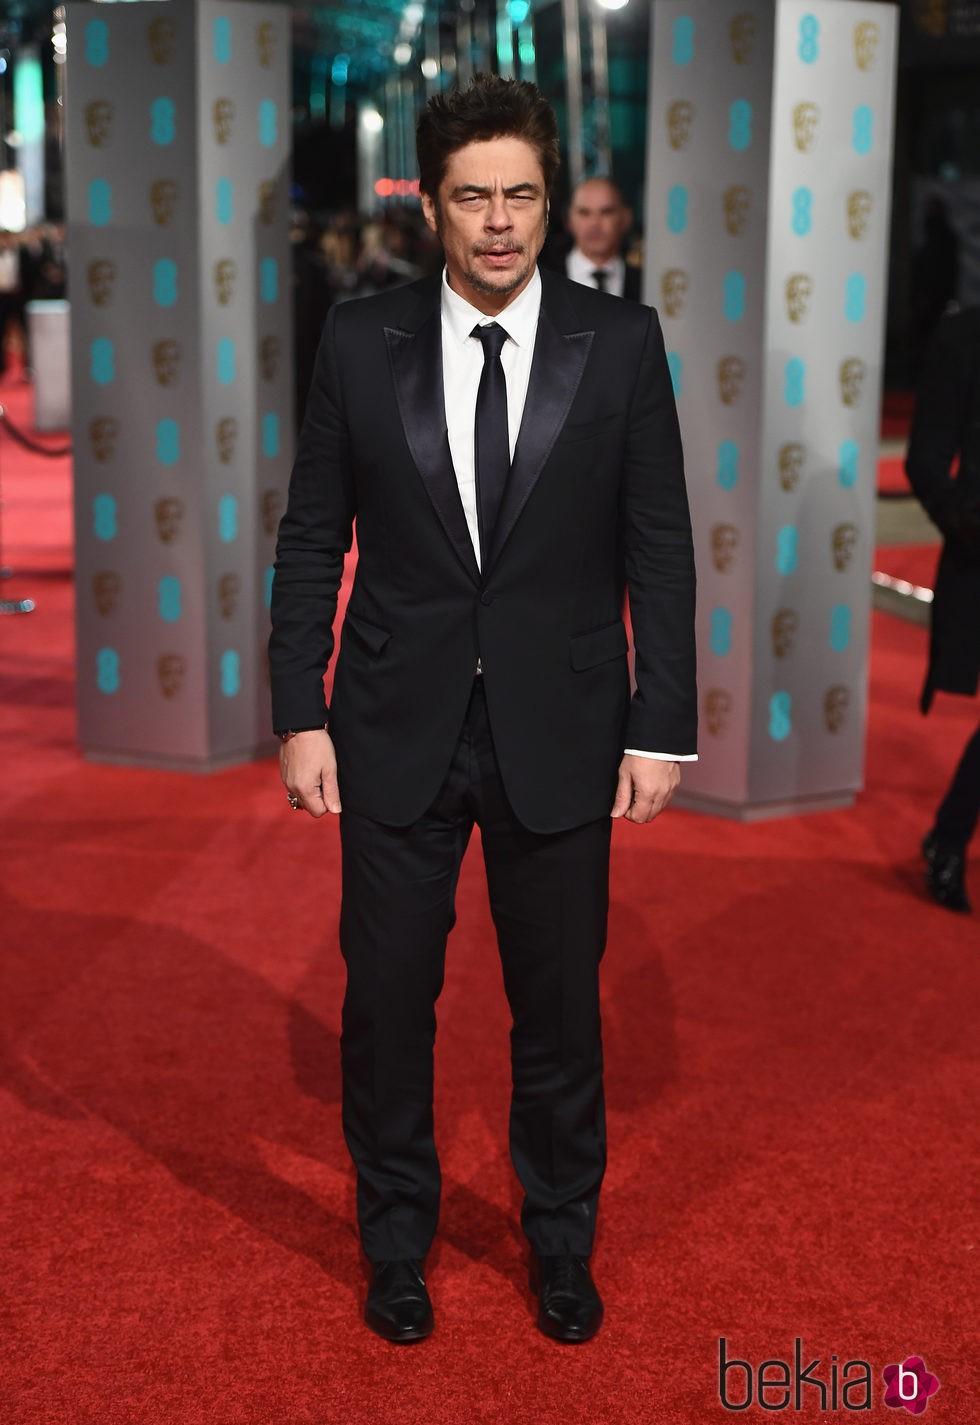 Benicio del Toro en la alfombra roja de los BAFTA 2016